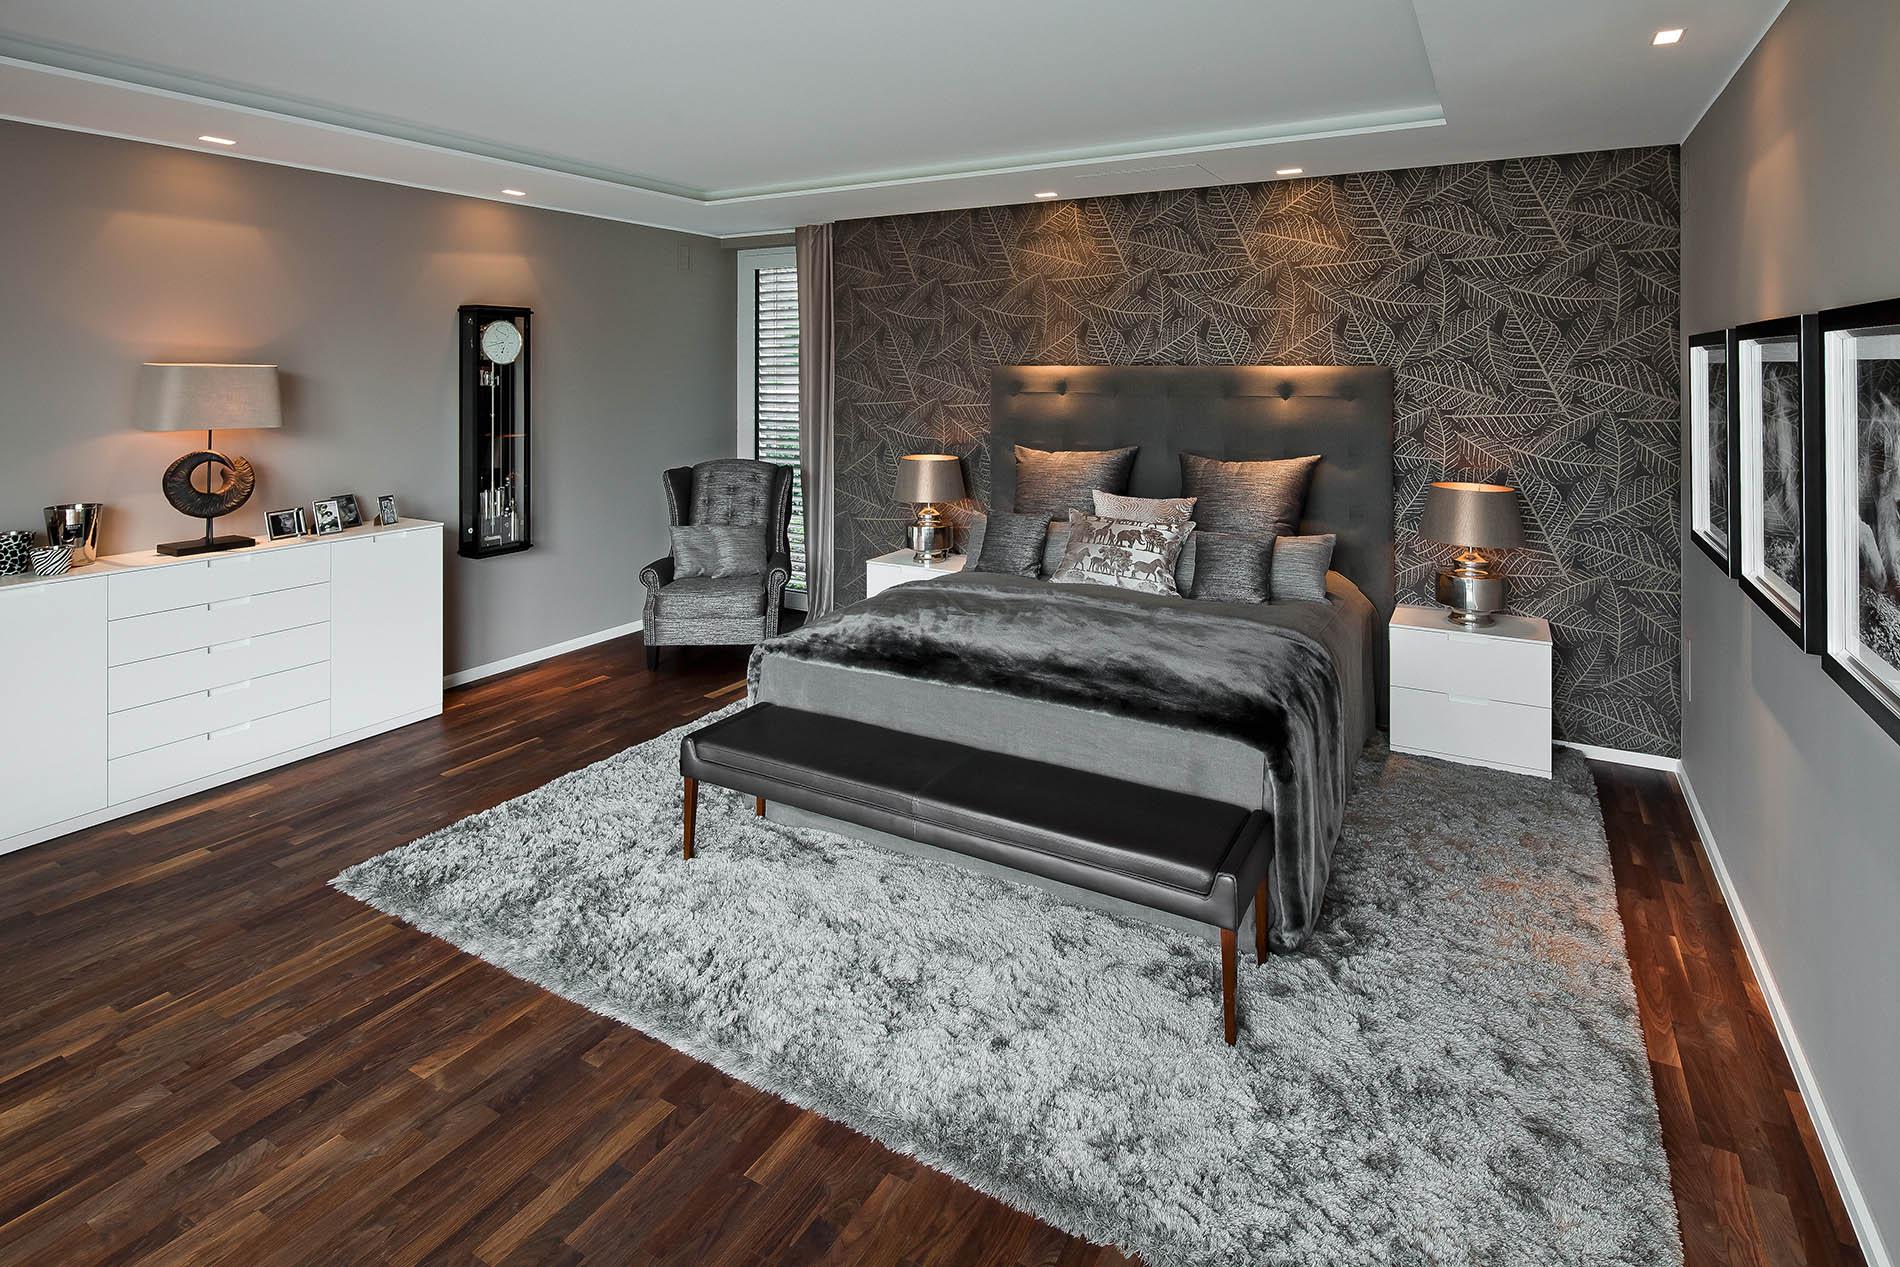 schlafzimmer mit ankleidebereich tischlerei sch pker. Black Bedroom Furniture Sets. Home Design Ideas